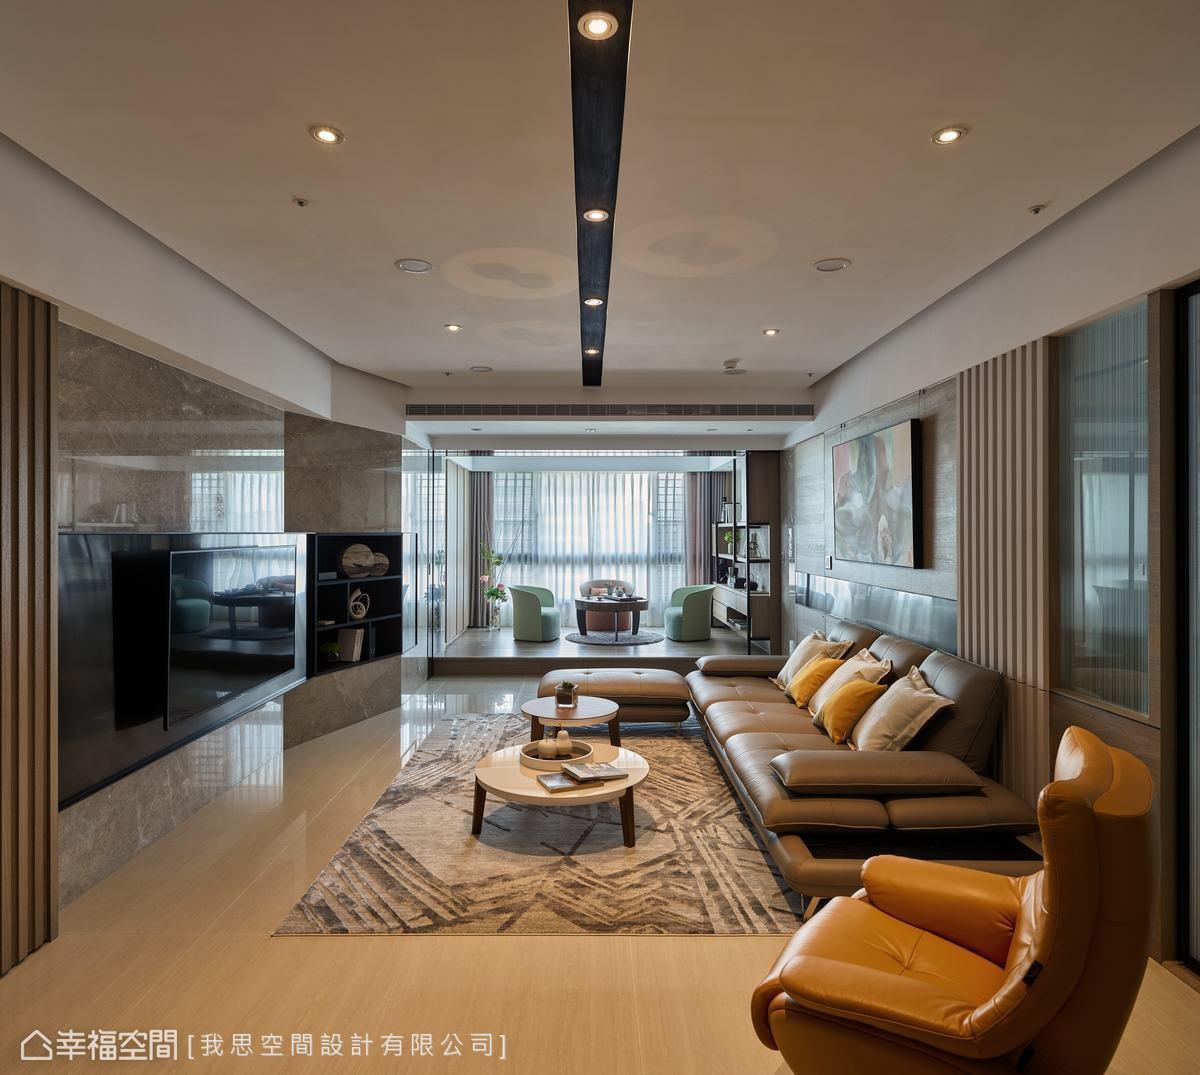 場域中運用許多線條,如木格柵、天花燈條、電視牆轉折稜線等,強化現代風質感與俐落氣場。